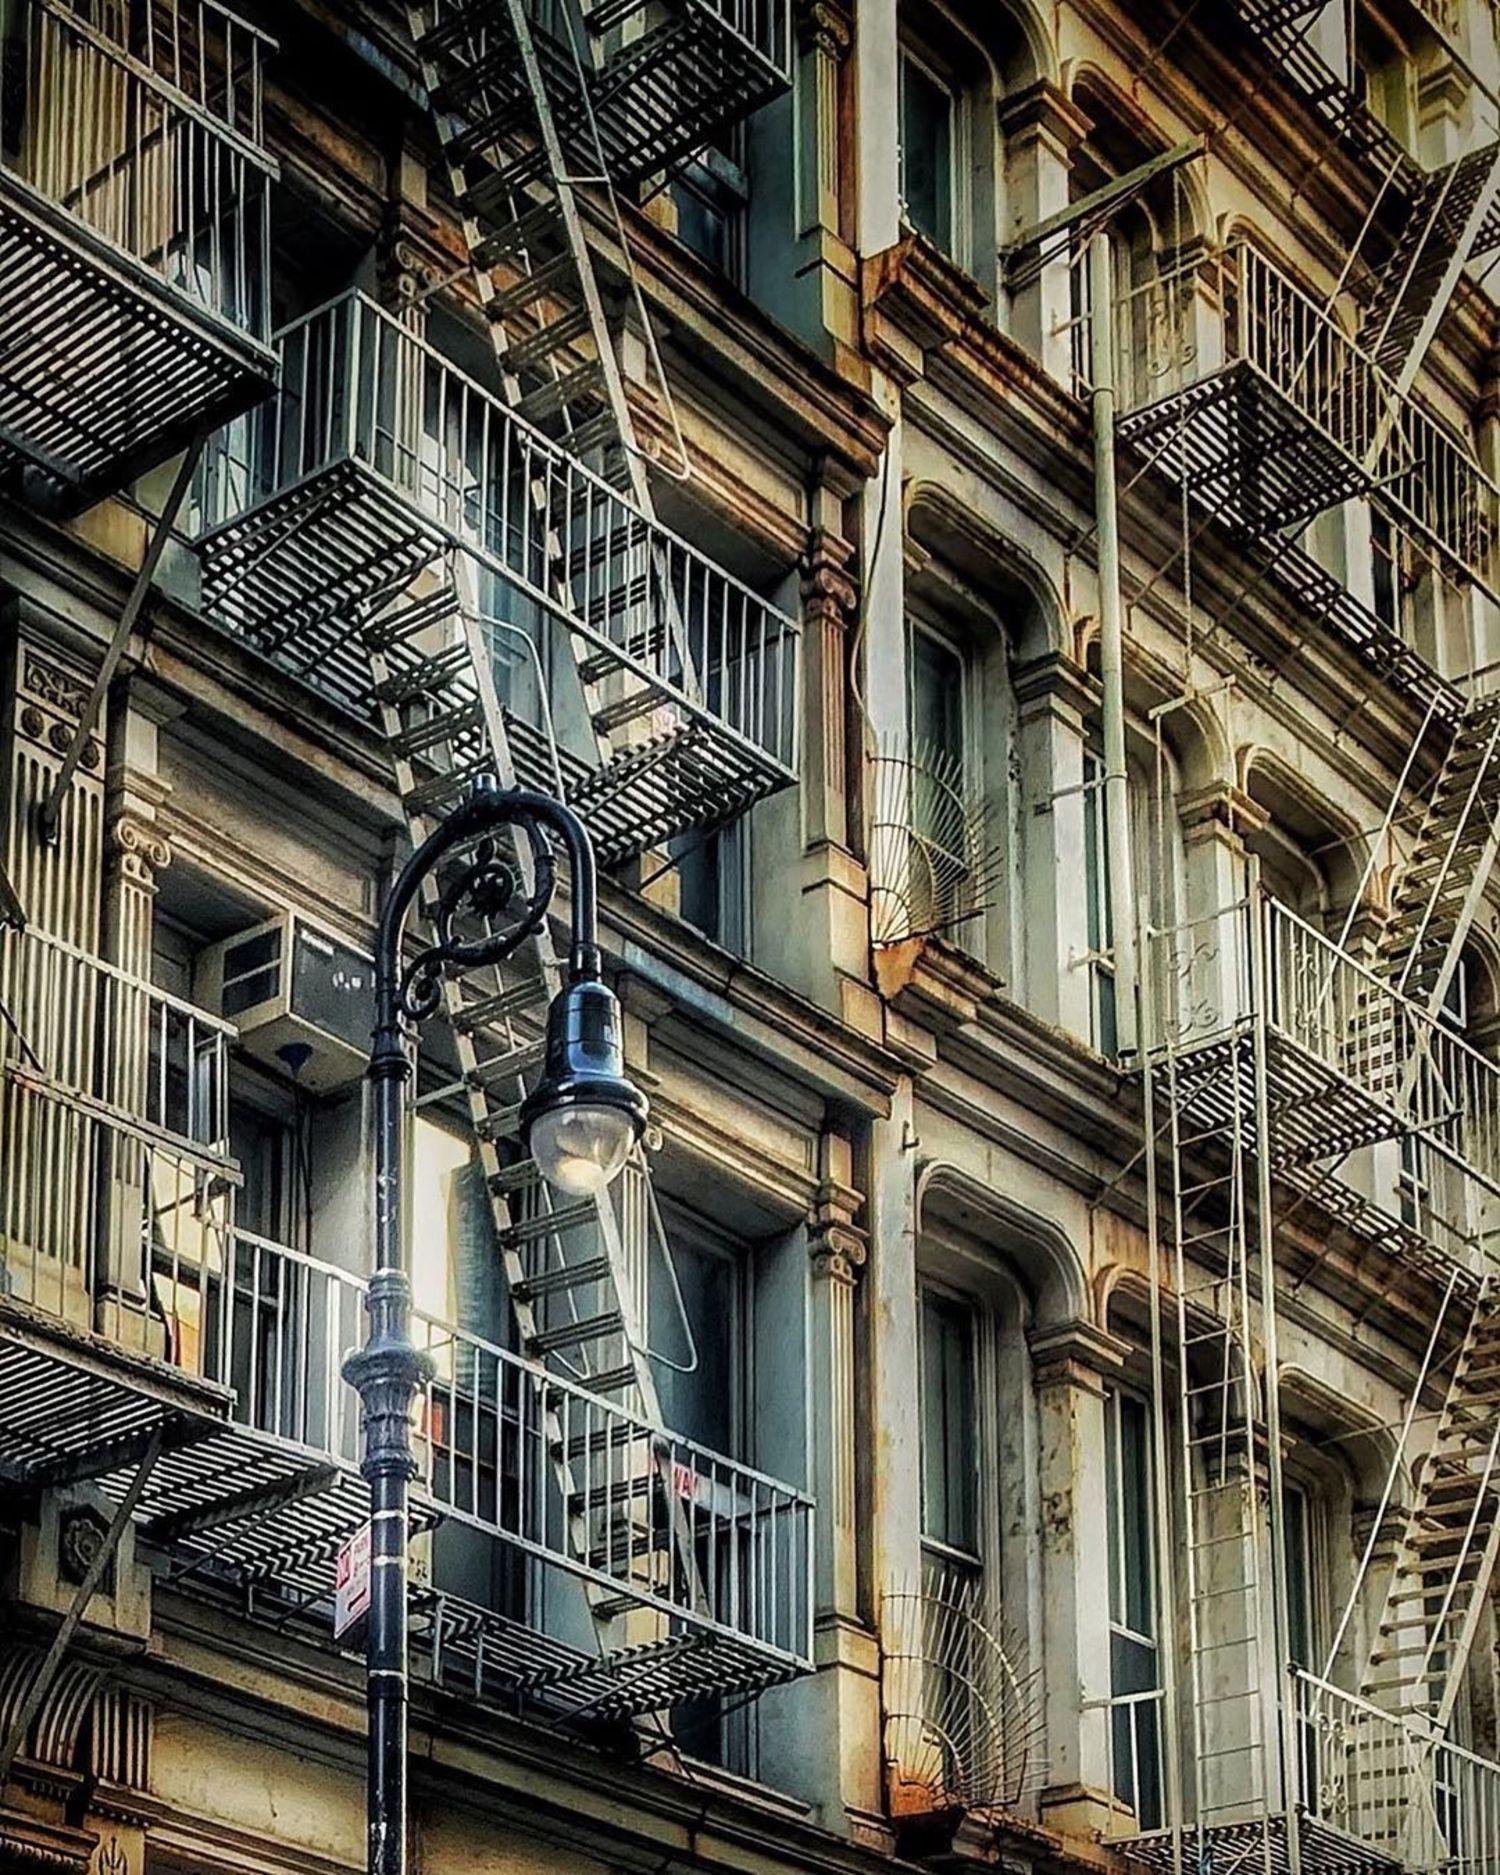 SoHo, New York. Photo via @sue.around.nyc #viewingnyc #nyc #newyork #newyorkcity